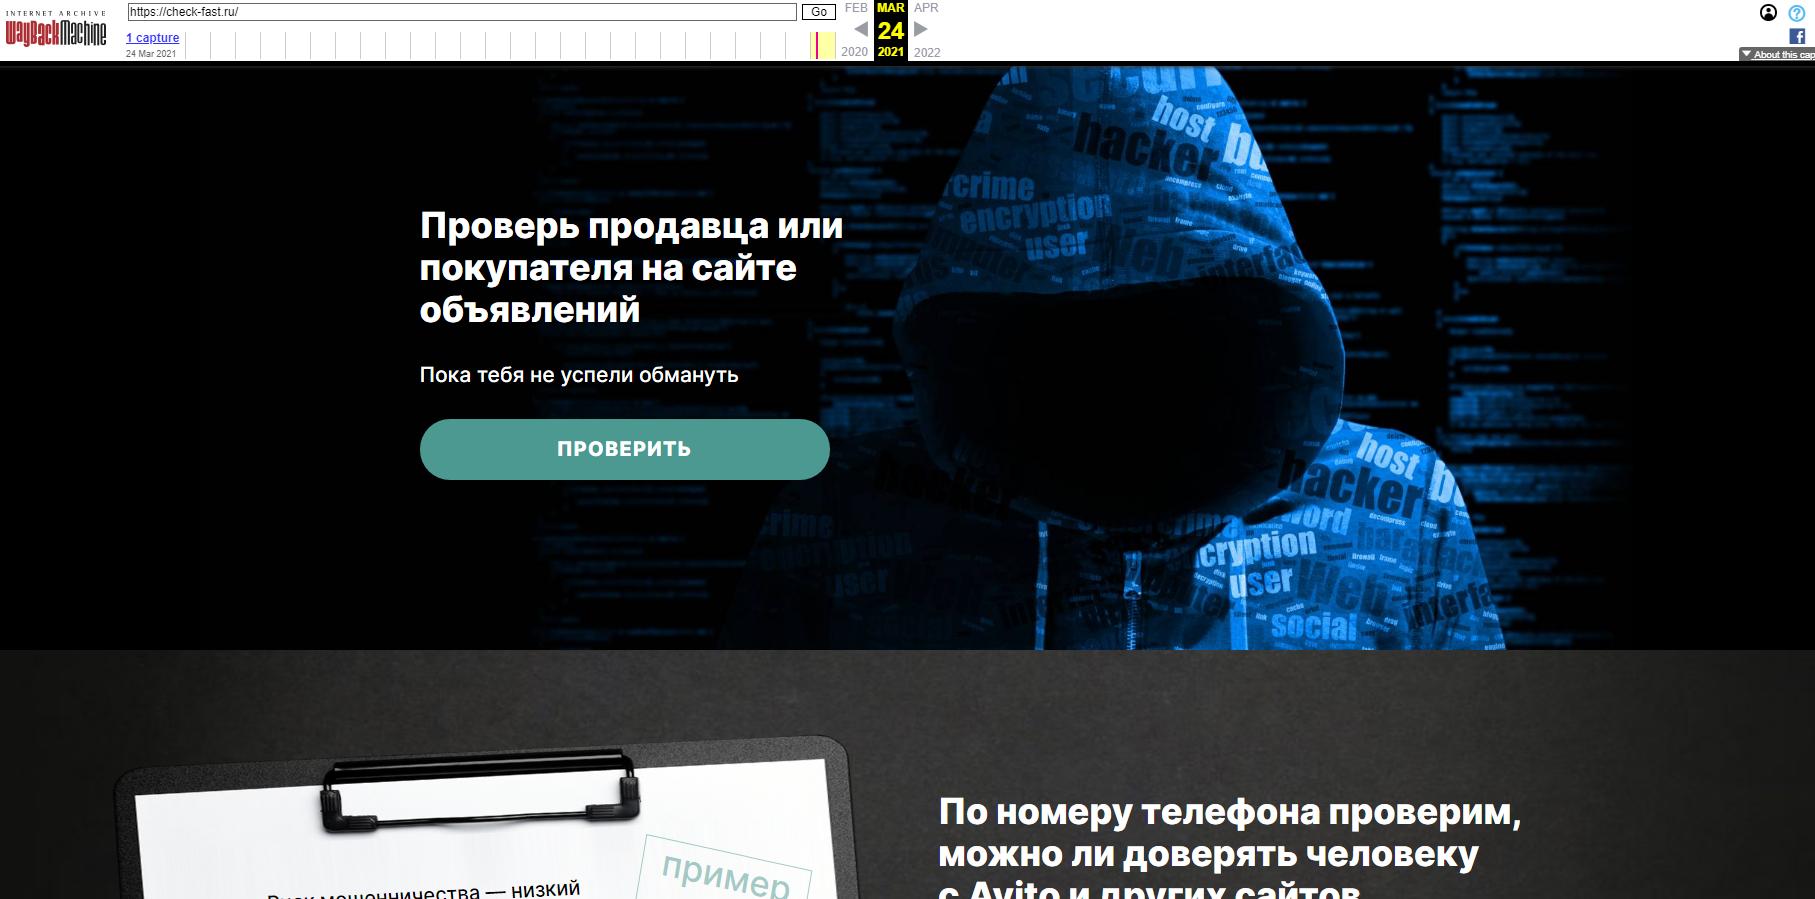 """Билайн планирует продавать услуги """"пробива"""" номера телефона за 99 рублей Интернет"""